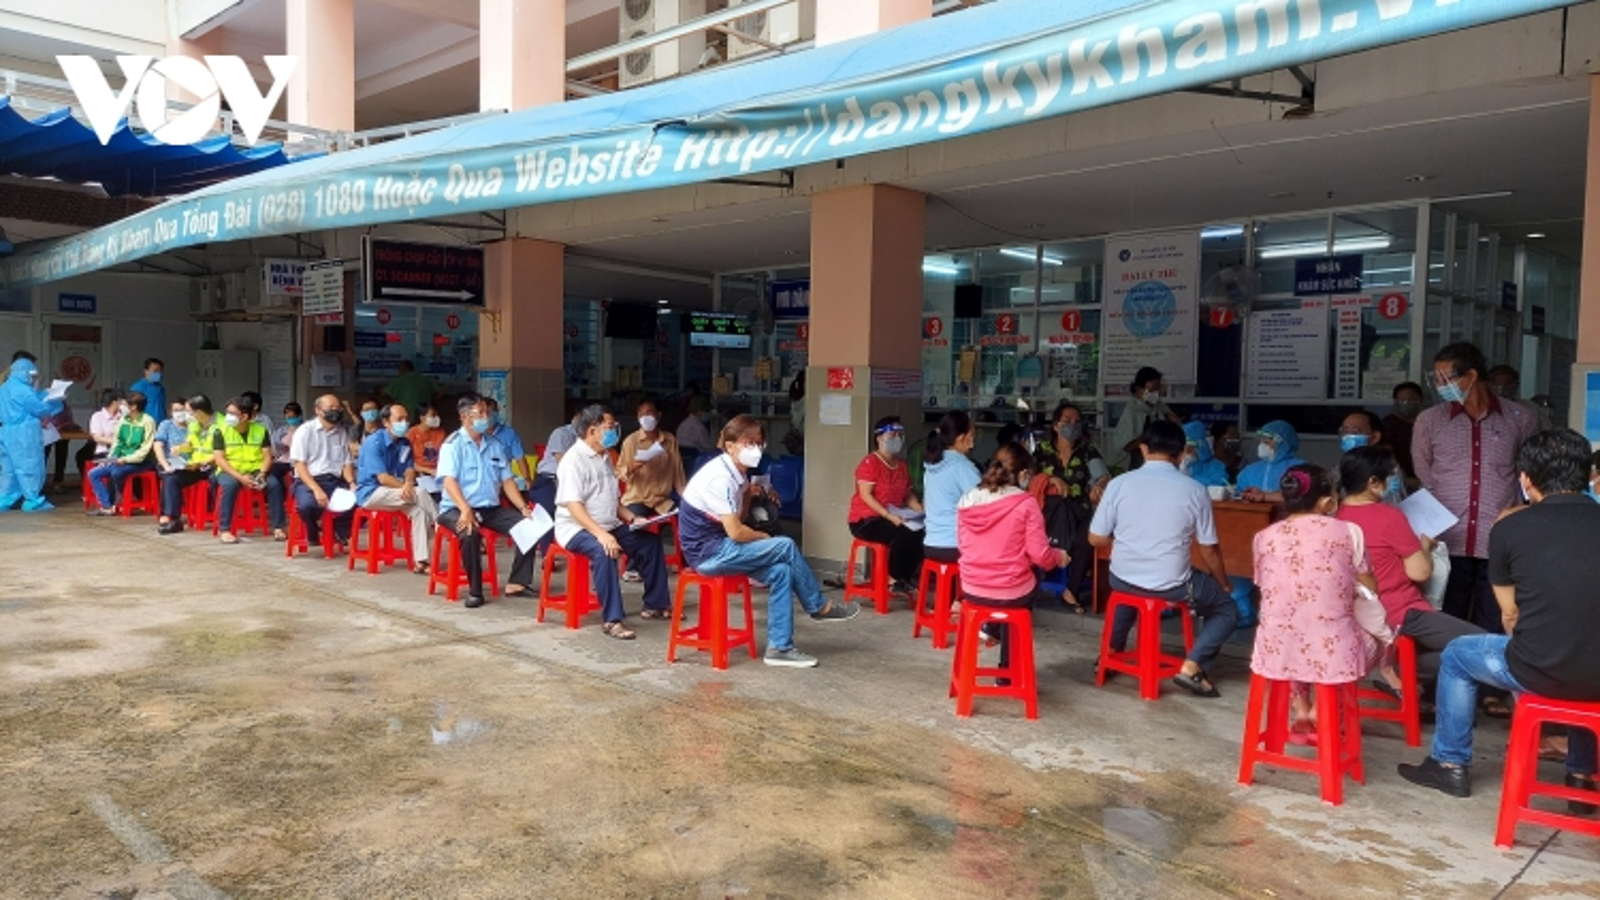 Bình Thuận, TP.HCM tiếp tục có thêm ca mắc mới, bắt đầu tiêm đại trà vaccine Covid-19